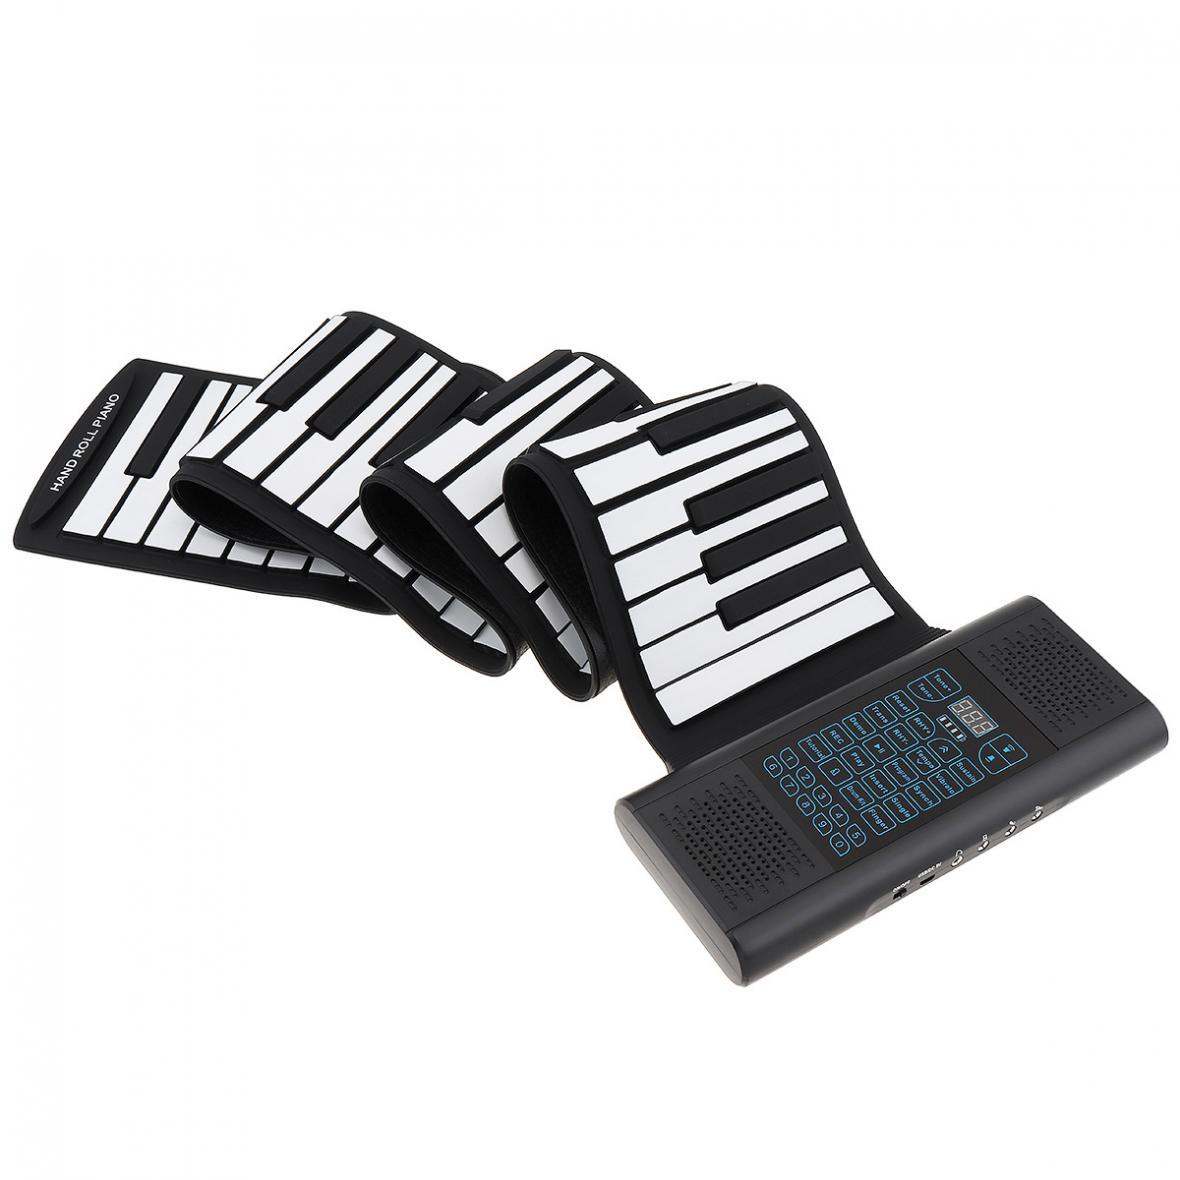 88 teclas rolam acima eletrônico piano recarregável